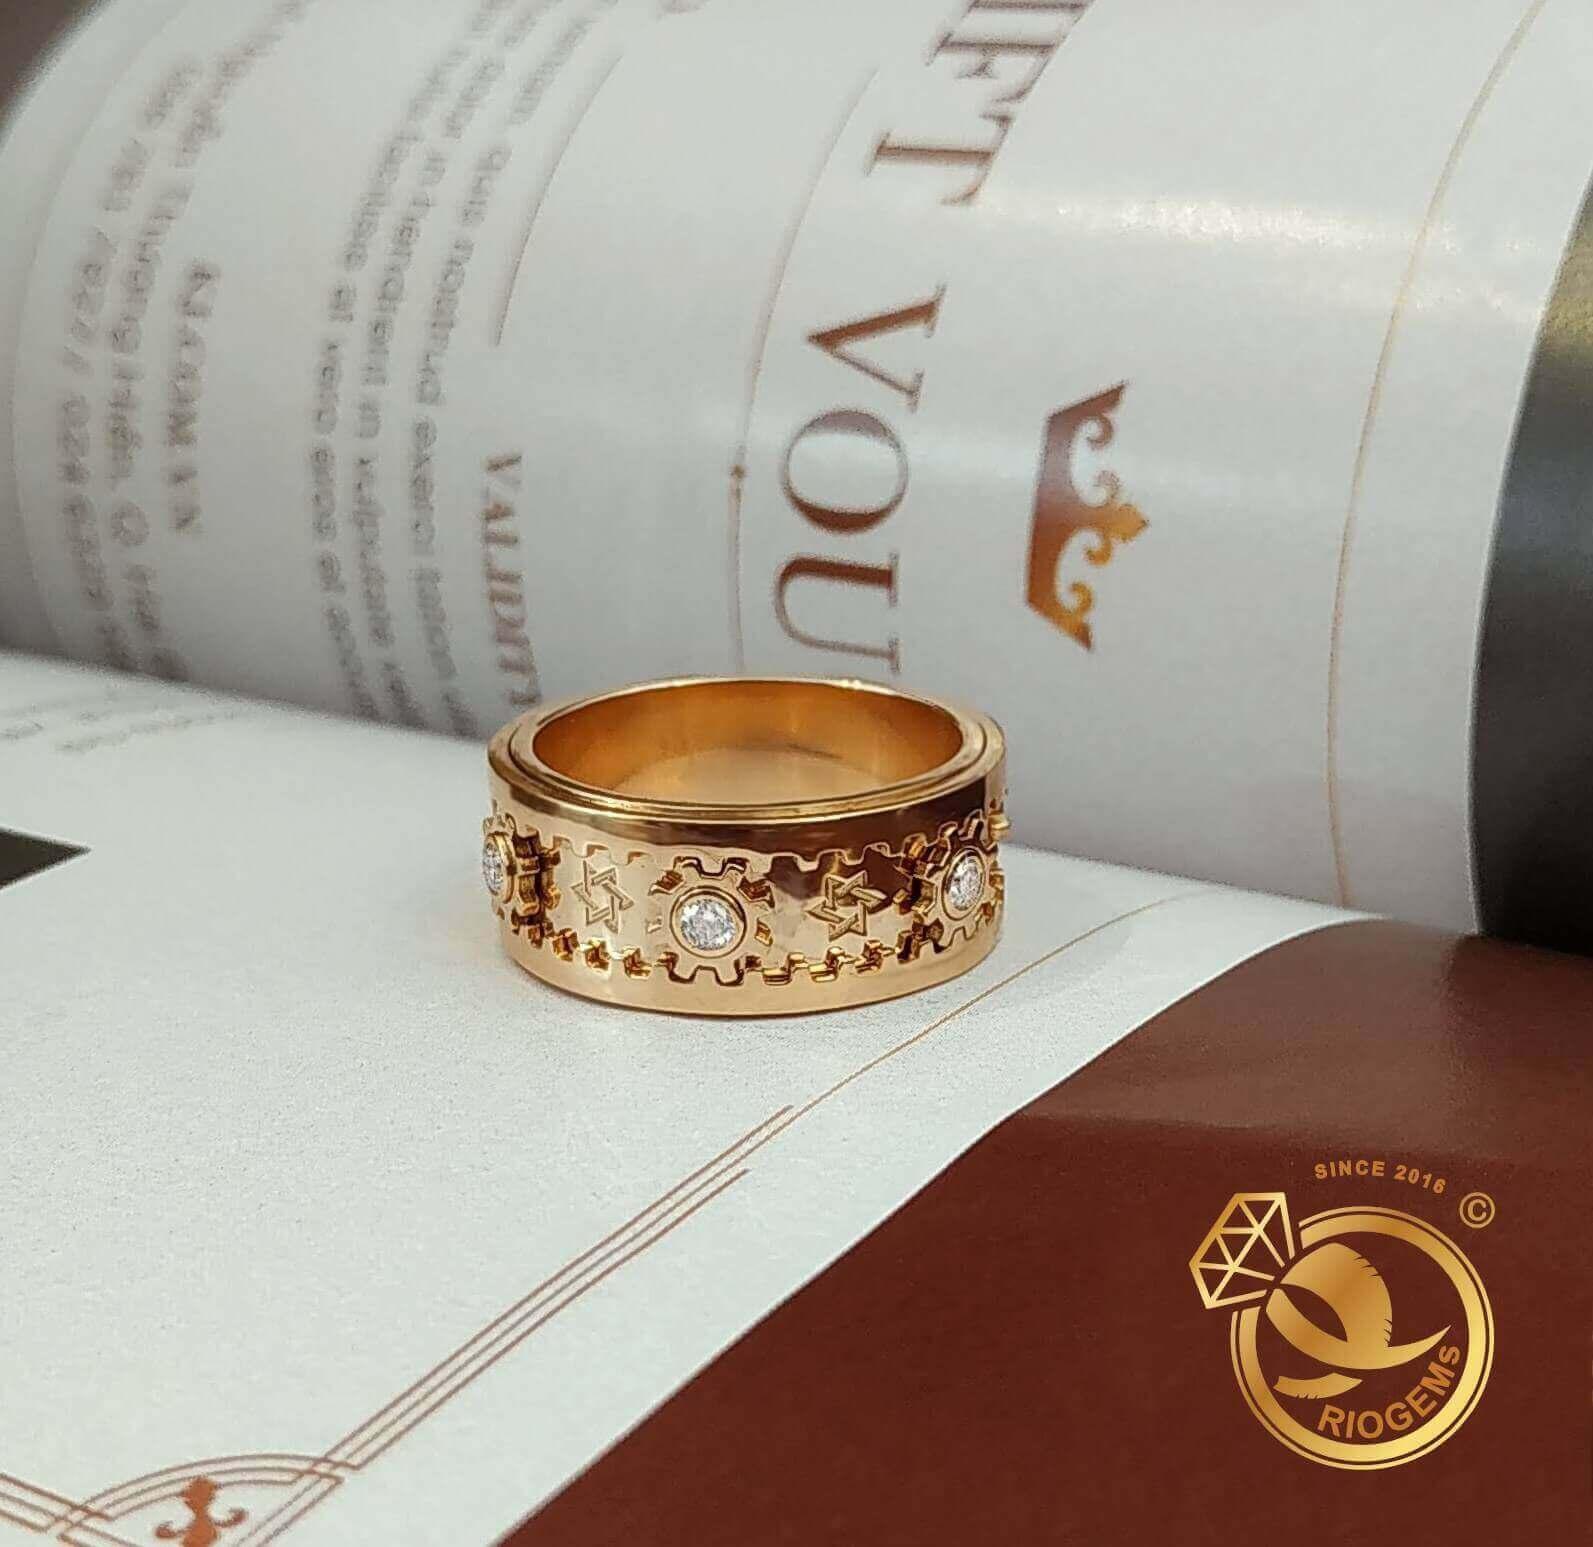 Nhẫn bánh răng xoay mang đến tài lộc